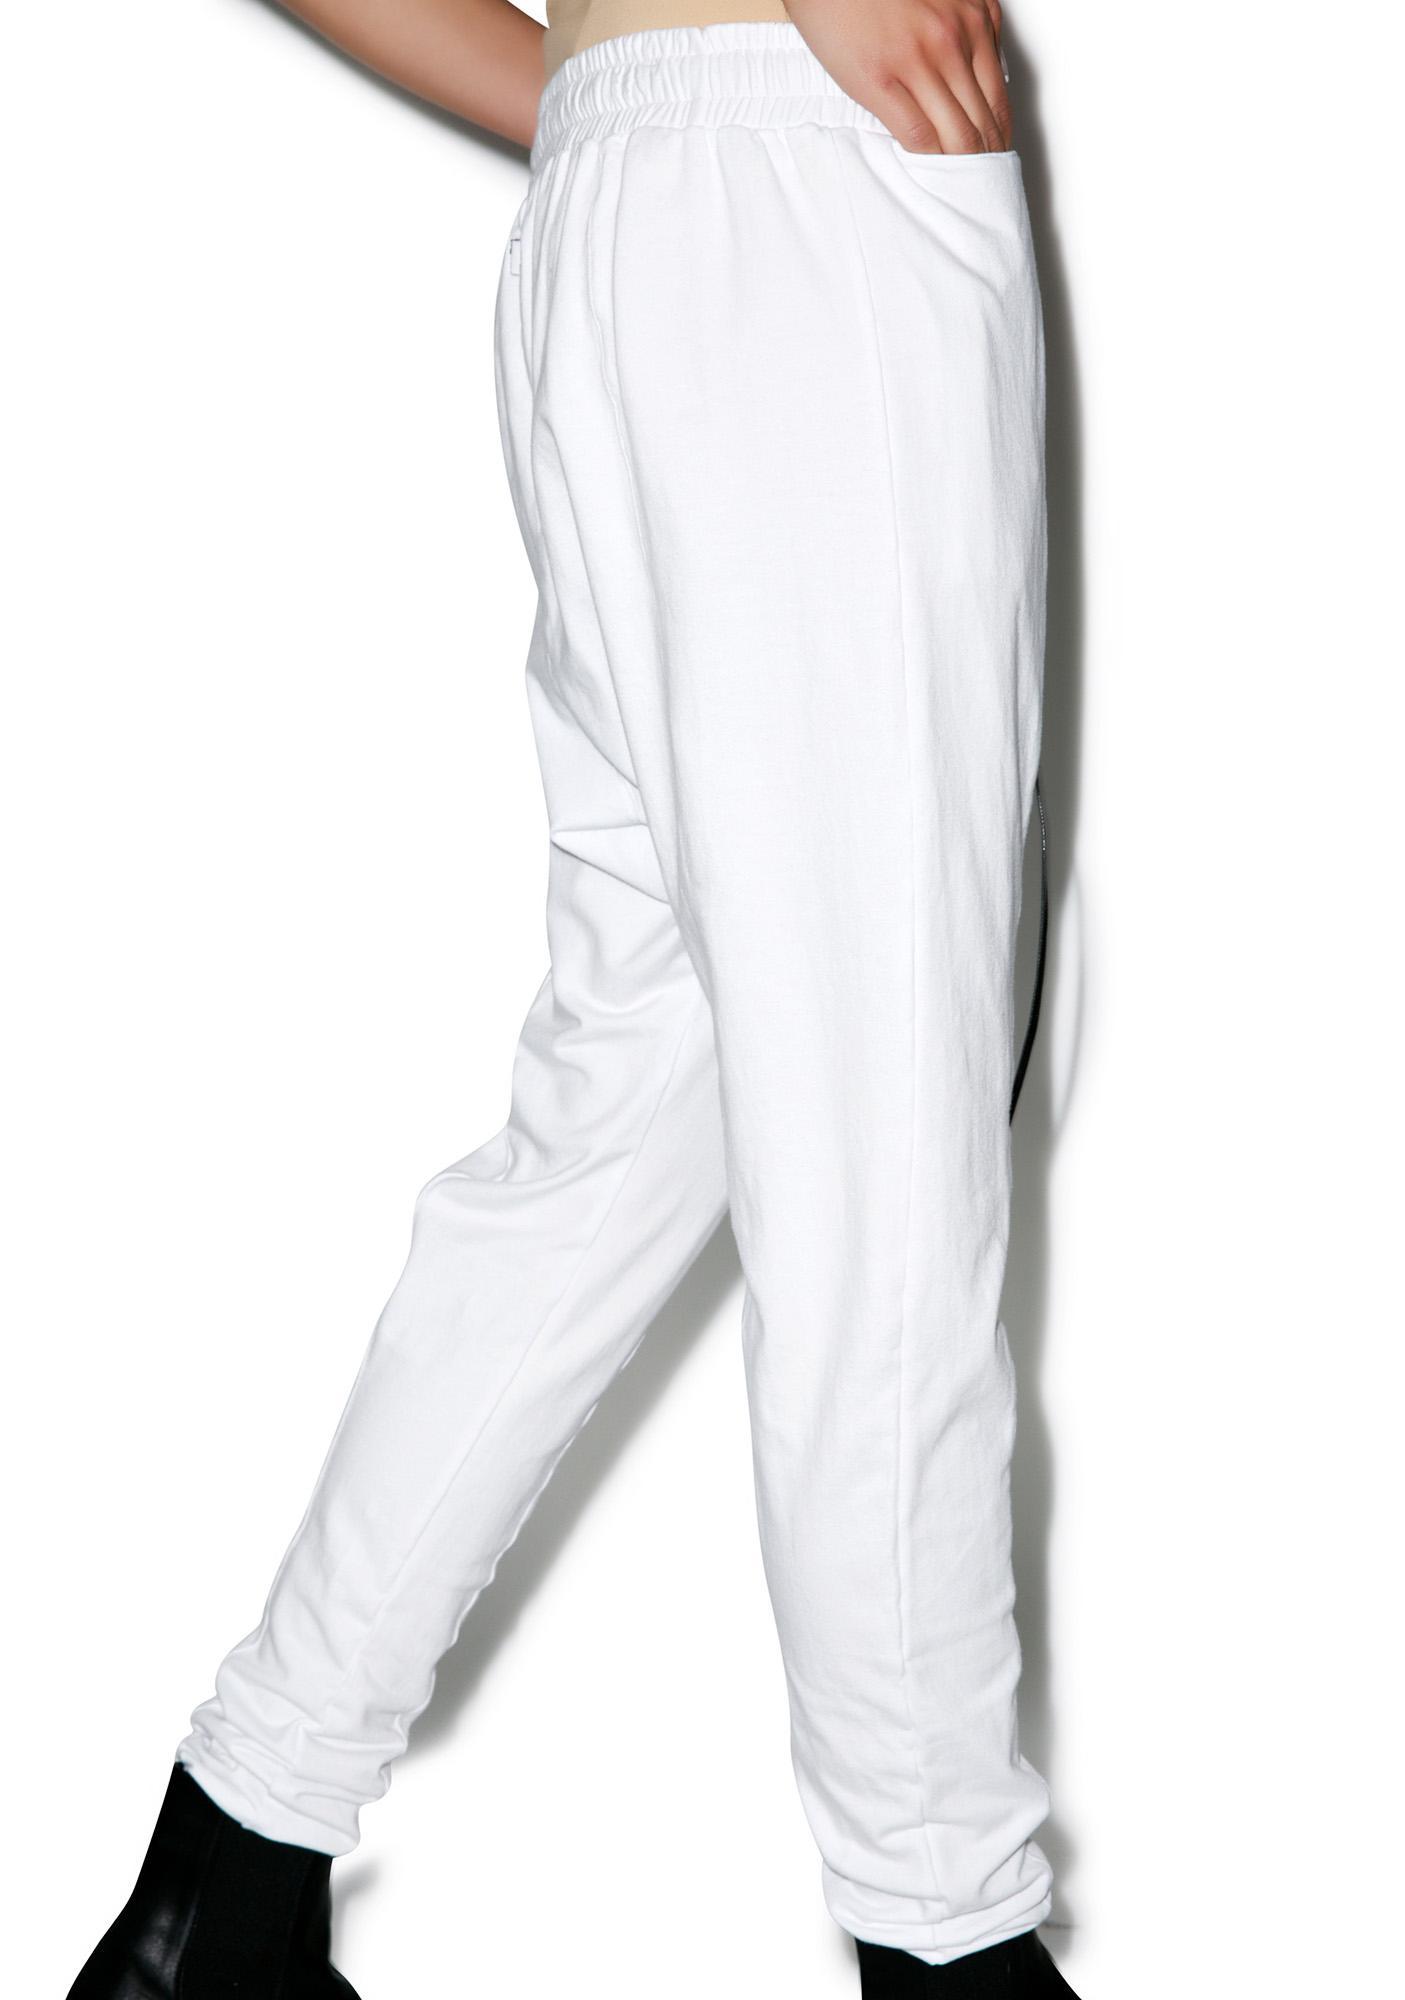 Knomadik Knomad Legging III